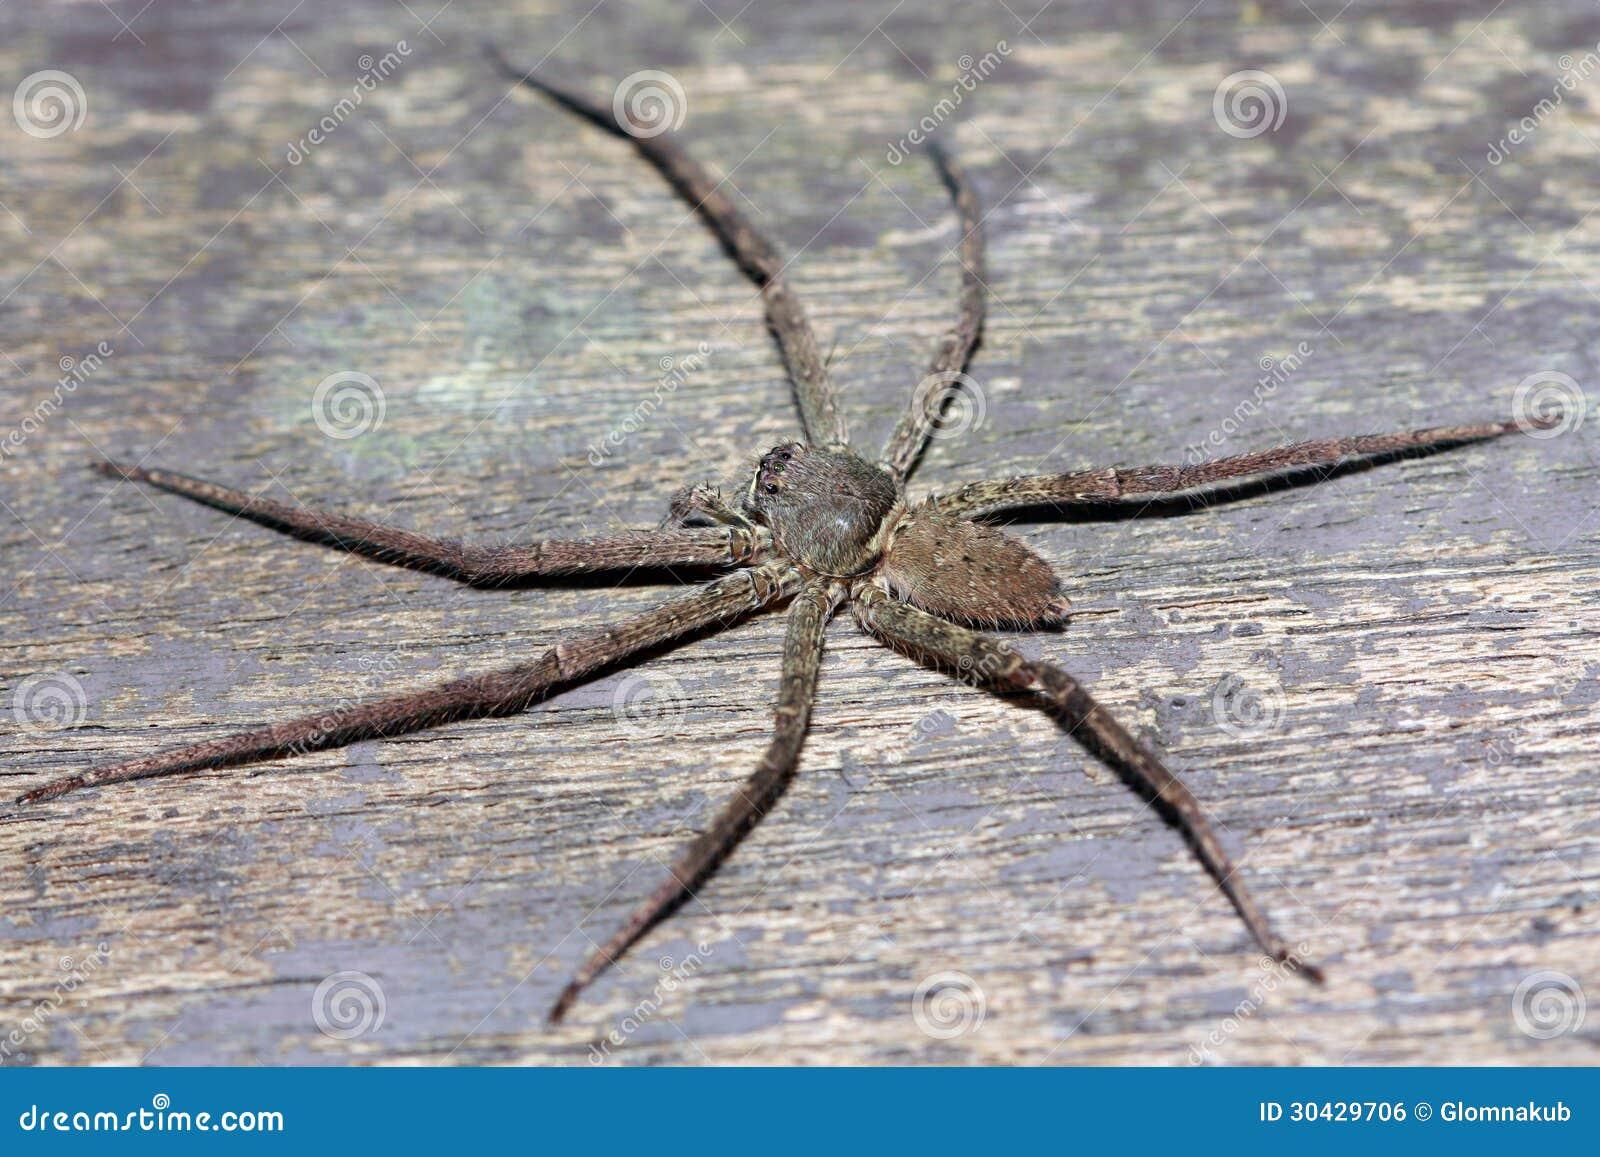 蜘蛛是节肢动物的生物.与昆虫